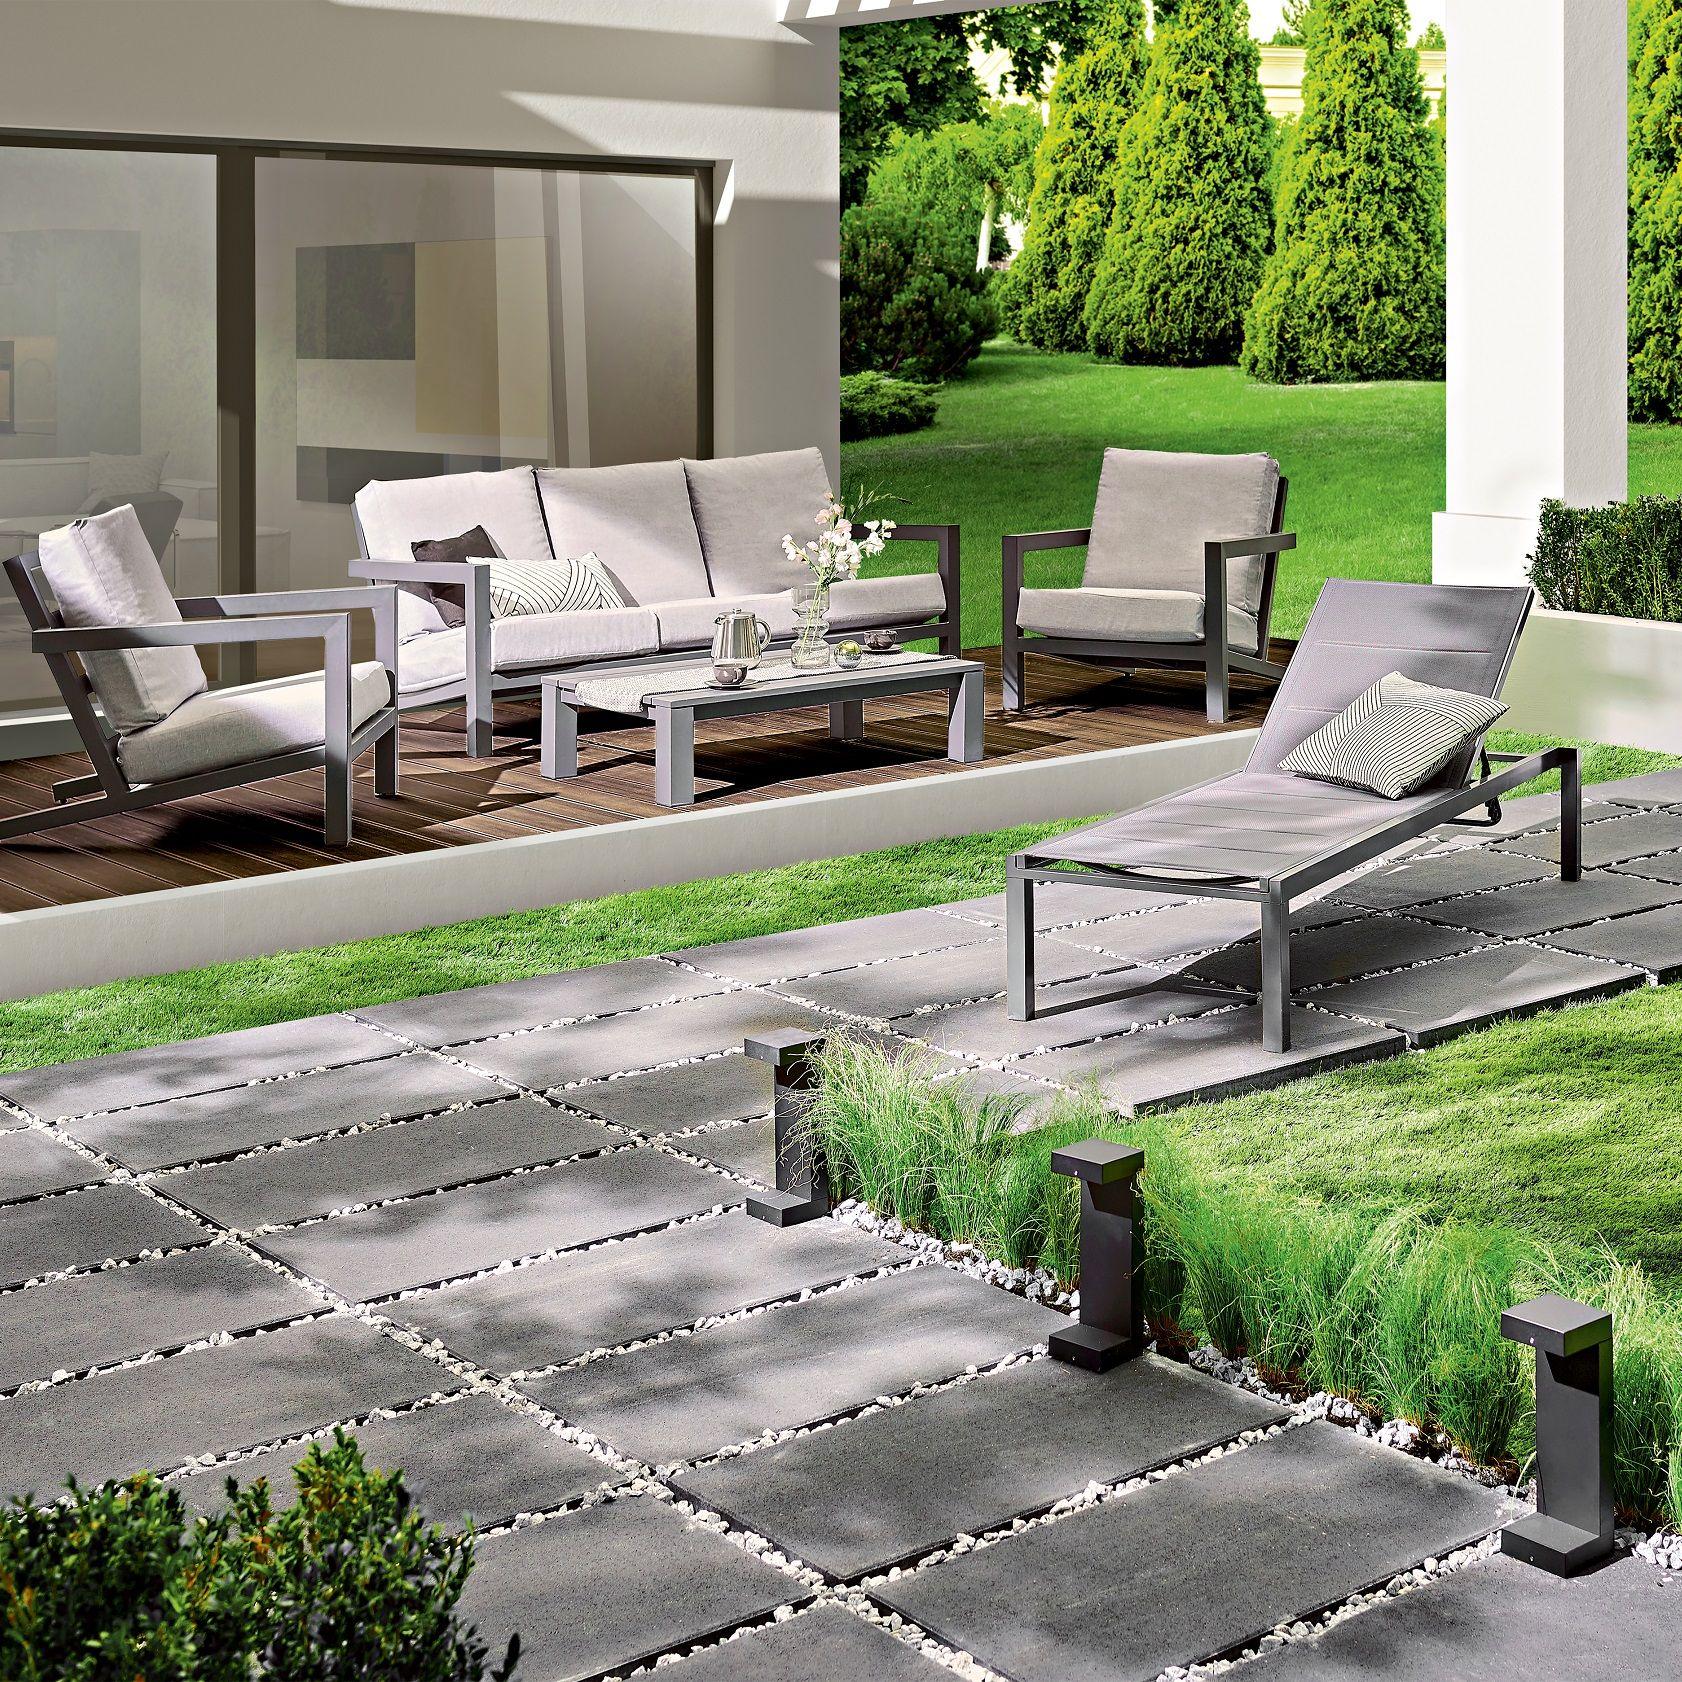 Nowoczesny Ogrod Outdoor Furniture Outdoor Decor Home